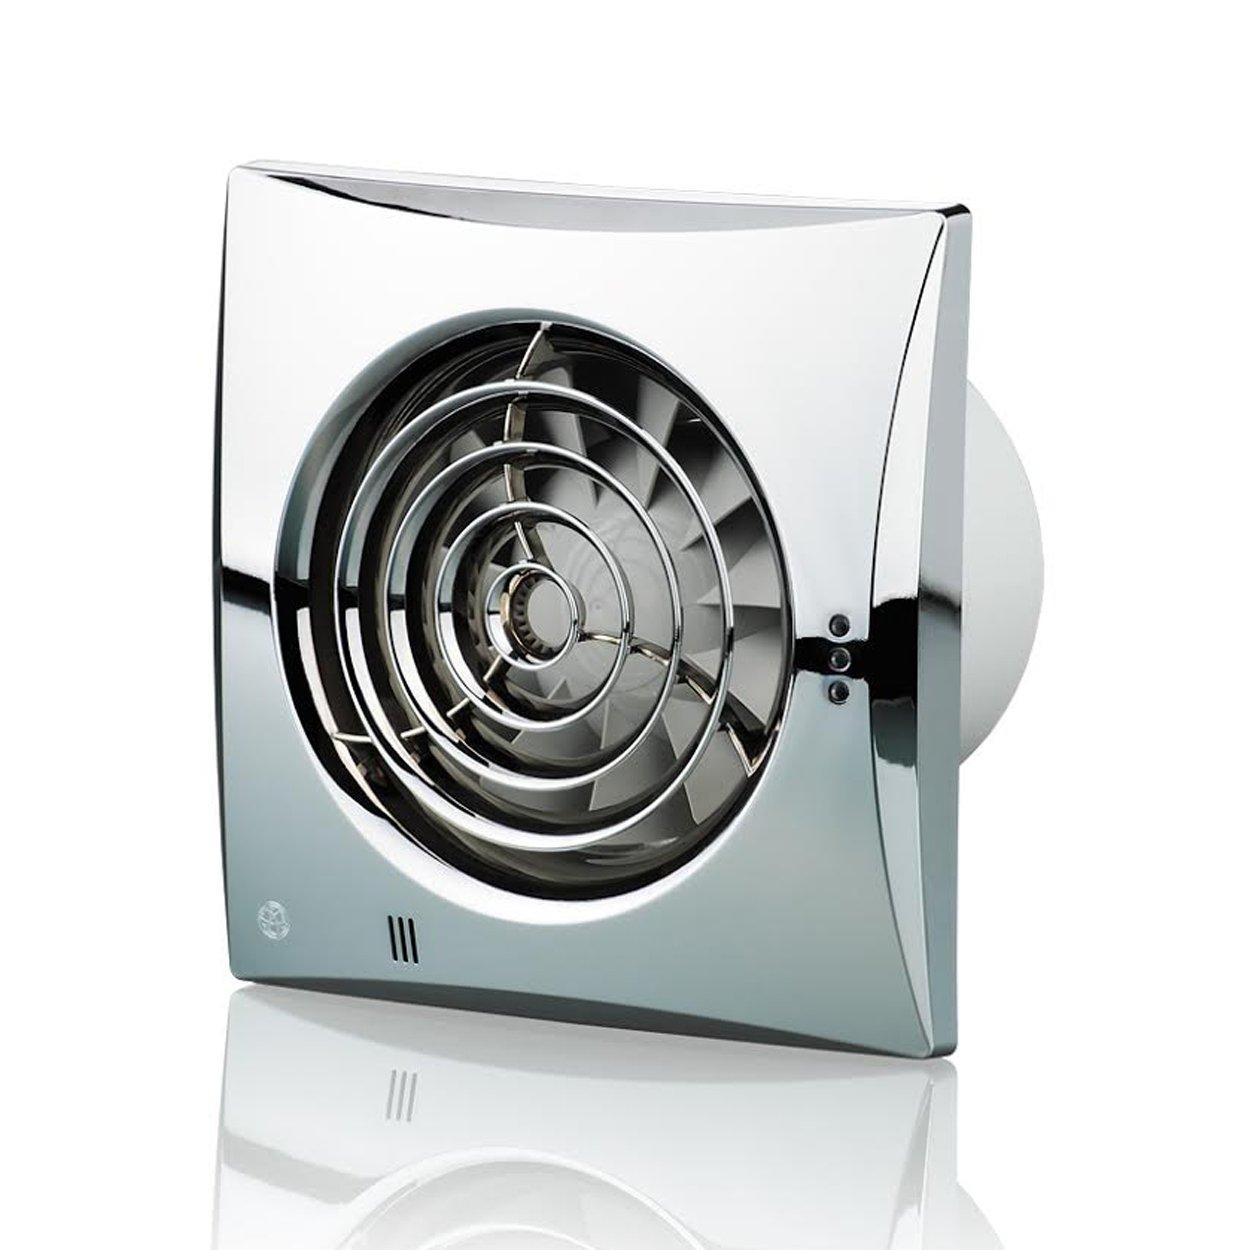 color blanco brillante Blauberg UK 100/Silencioso T 100/mm ventilador Extractor con temporizador